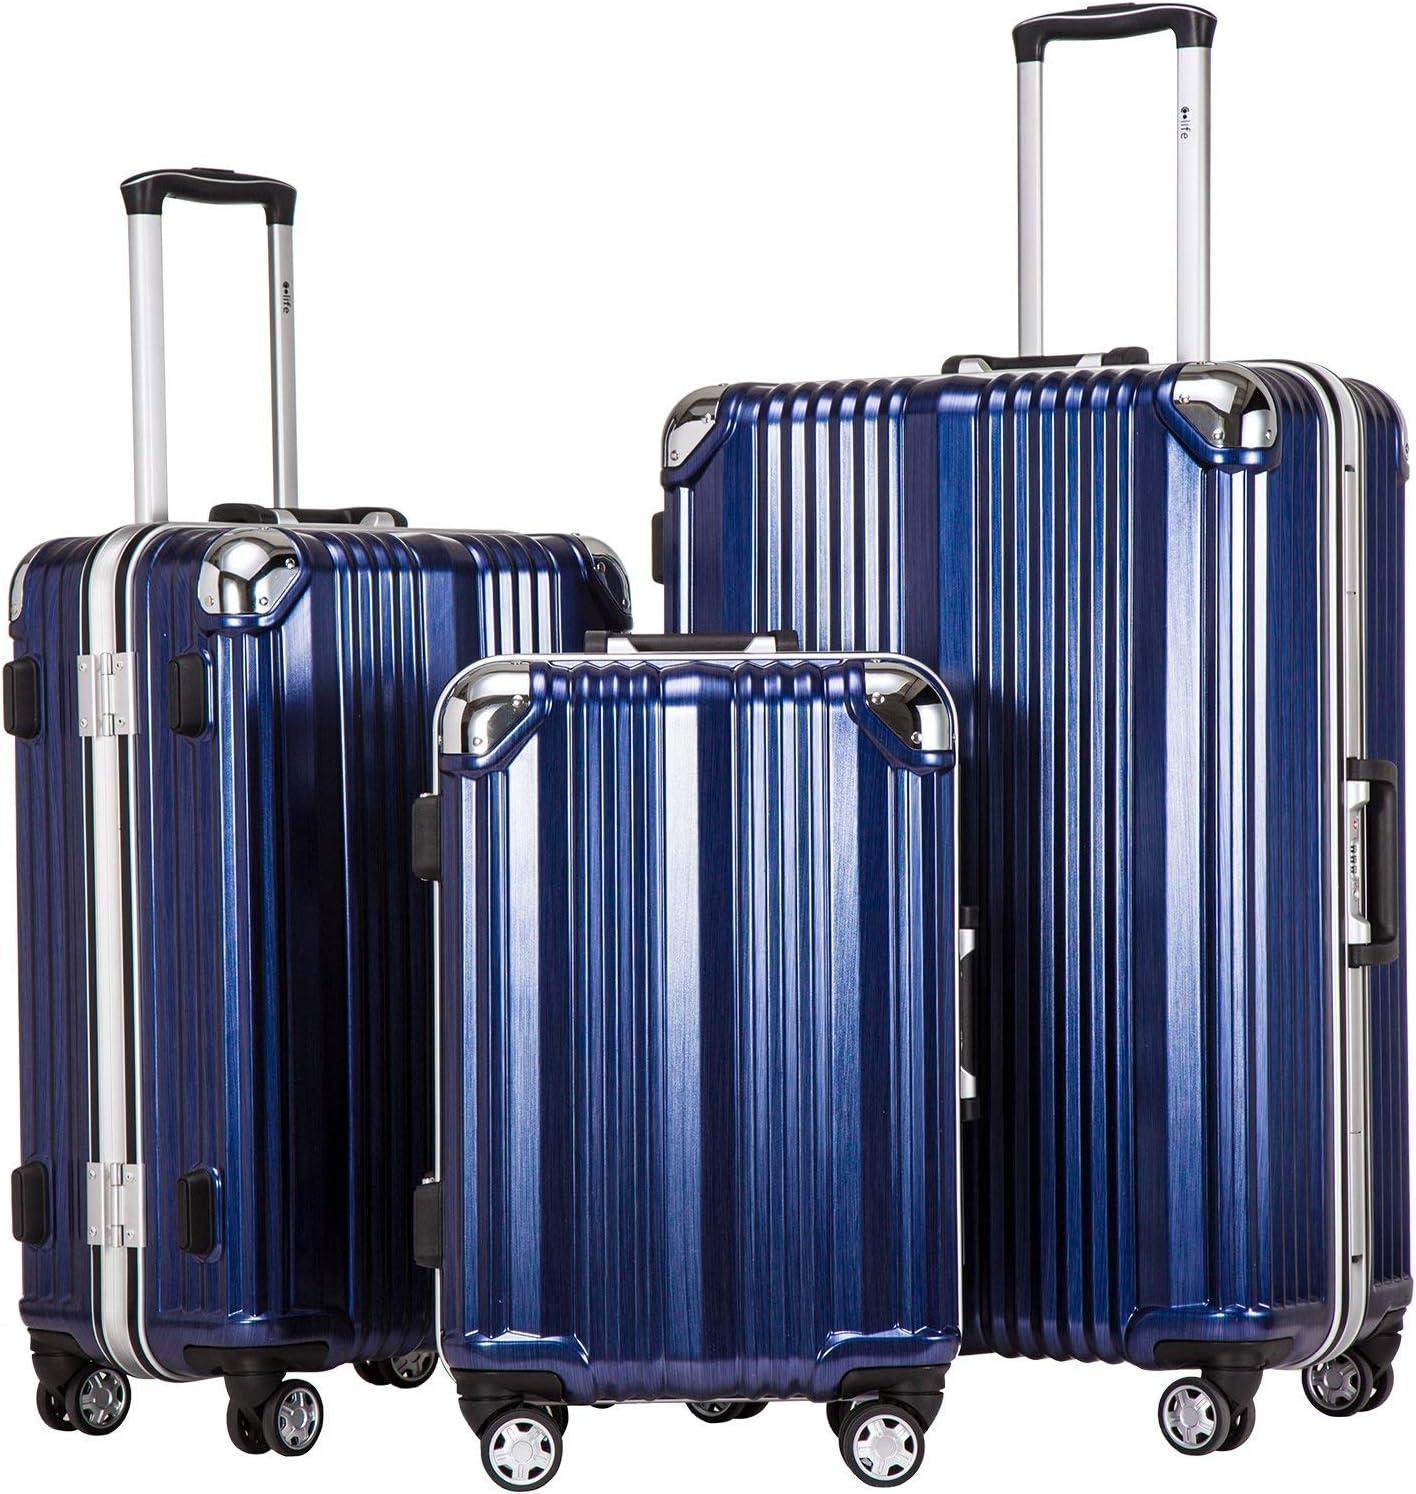 Coolife Luggage Aluminium Frame Suitcase 3 Piece Set with TSA Lock 100 PC BLUE